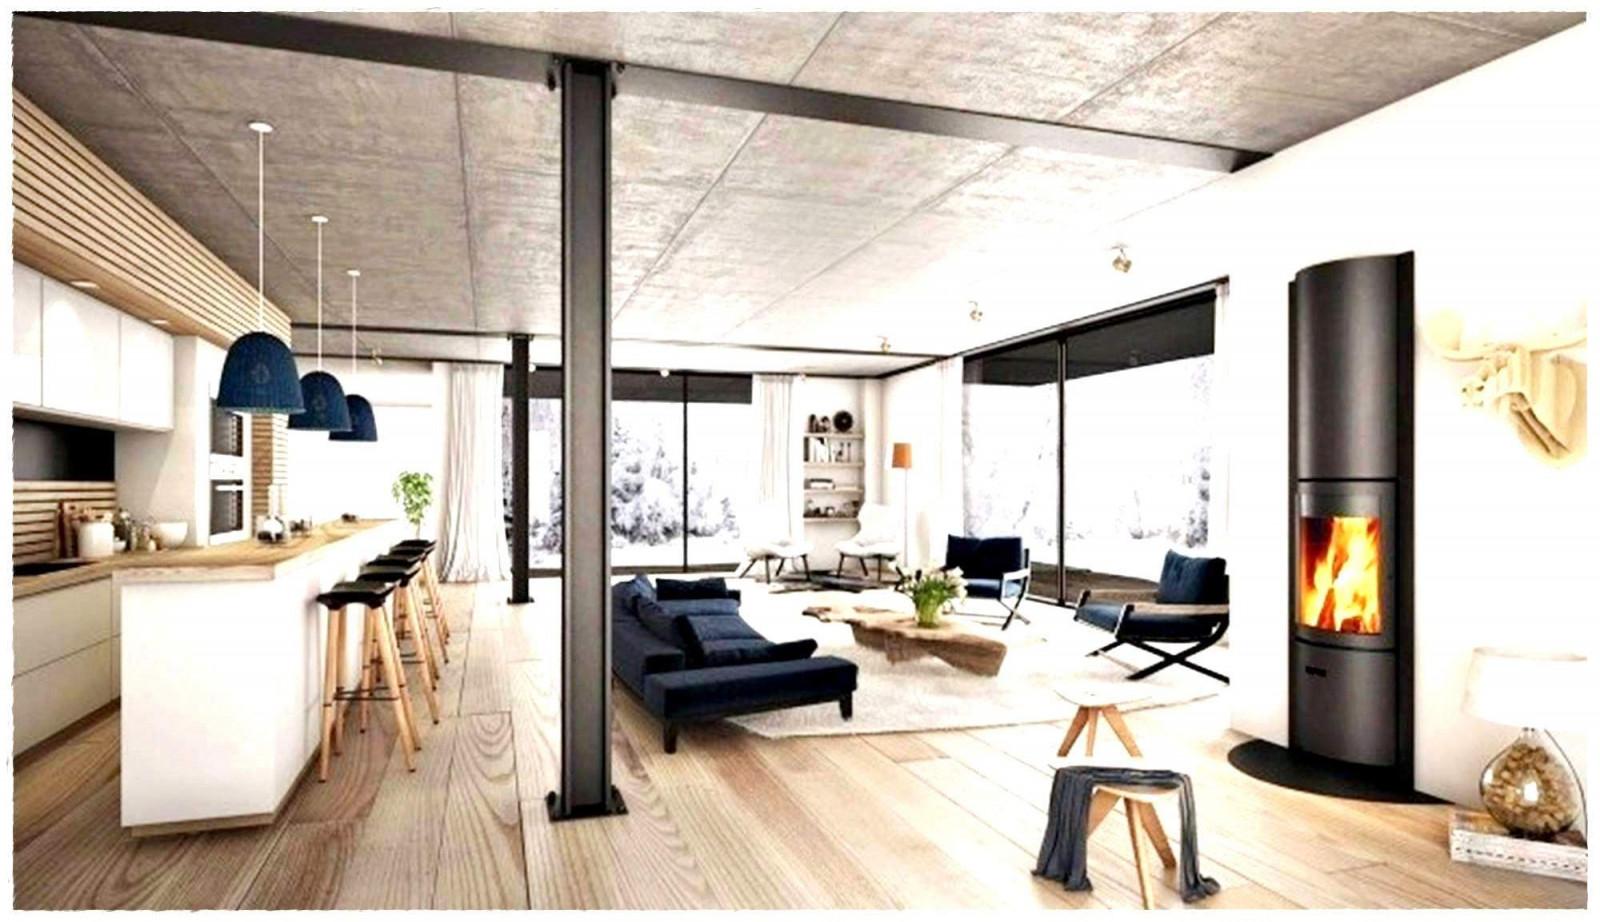 Großes Wohnzimmer Einrichten Reizend Genial Weißes von Großes Wohnzimmer Einrichten Ideen Bild